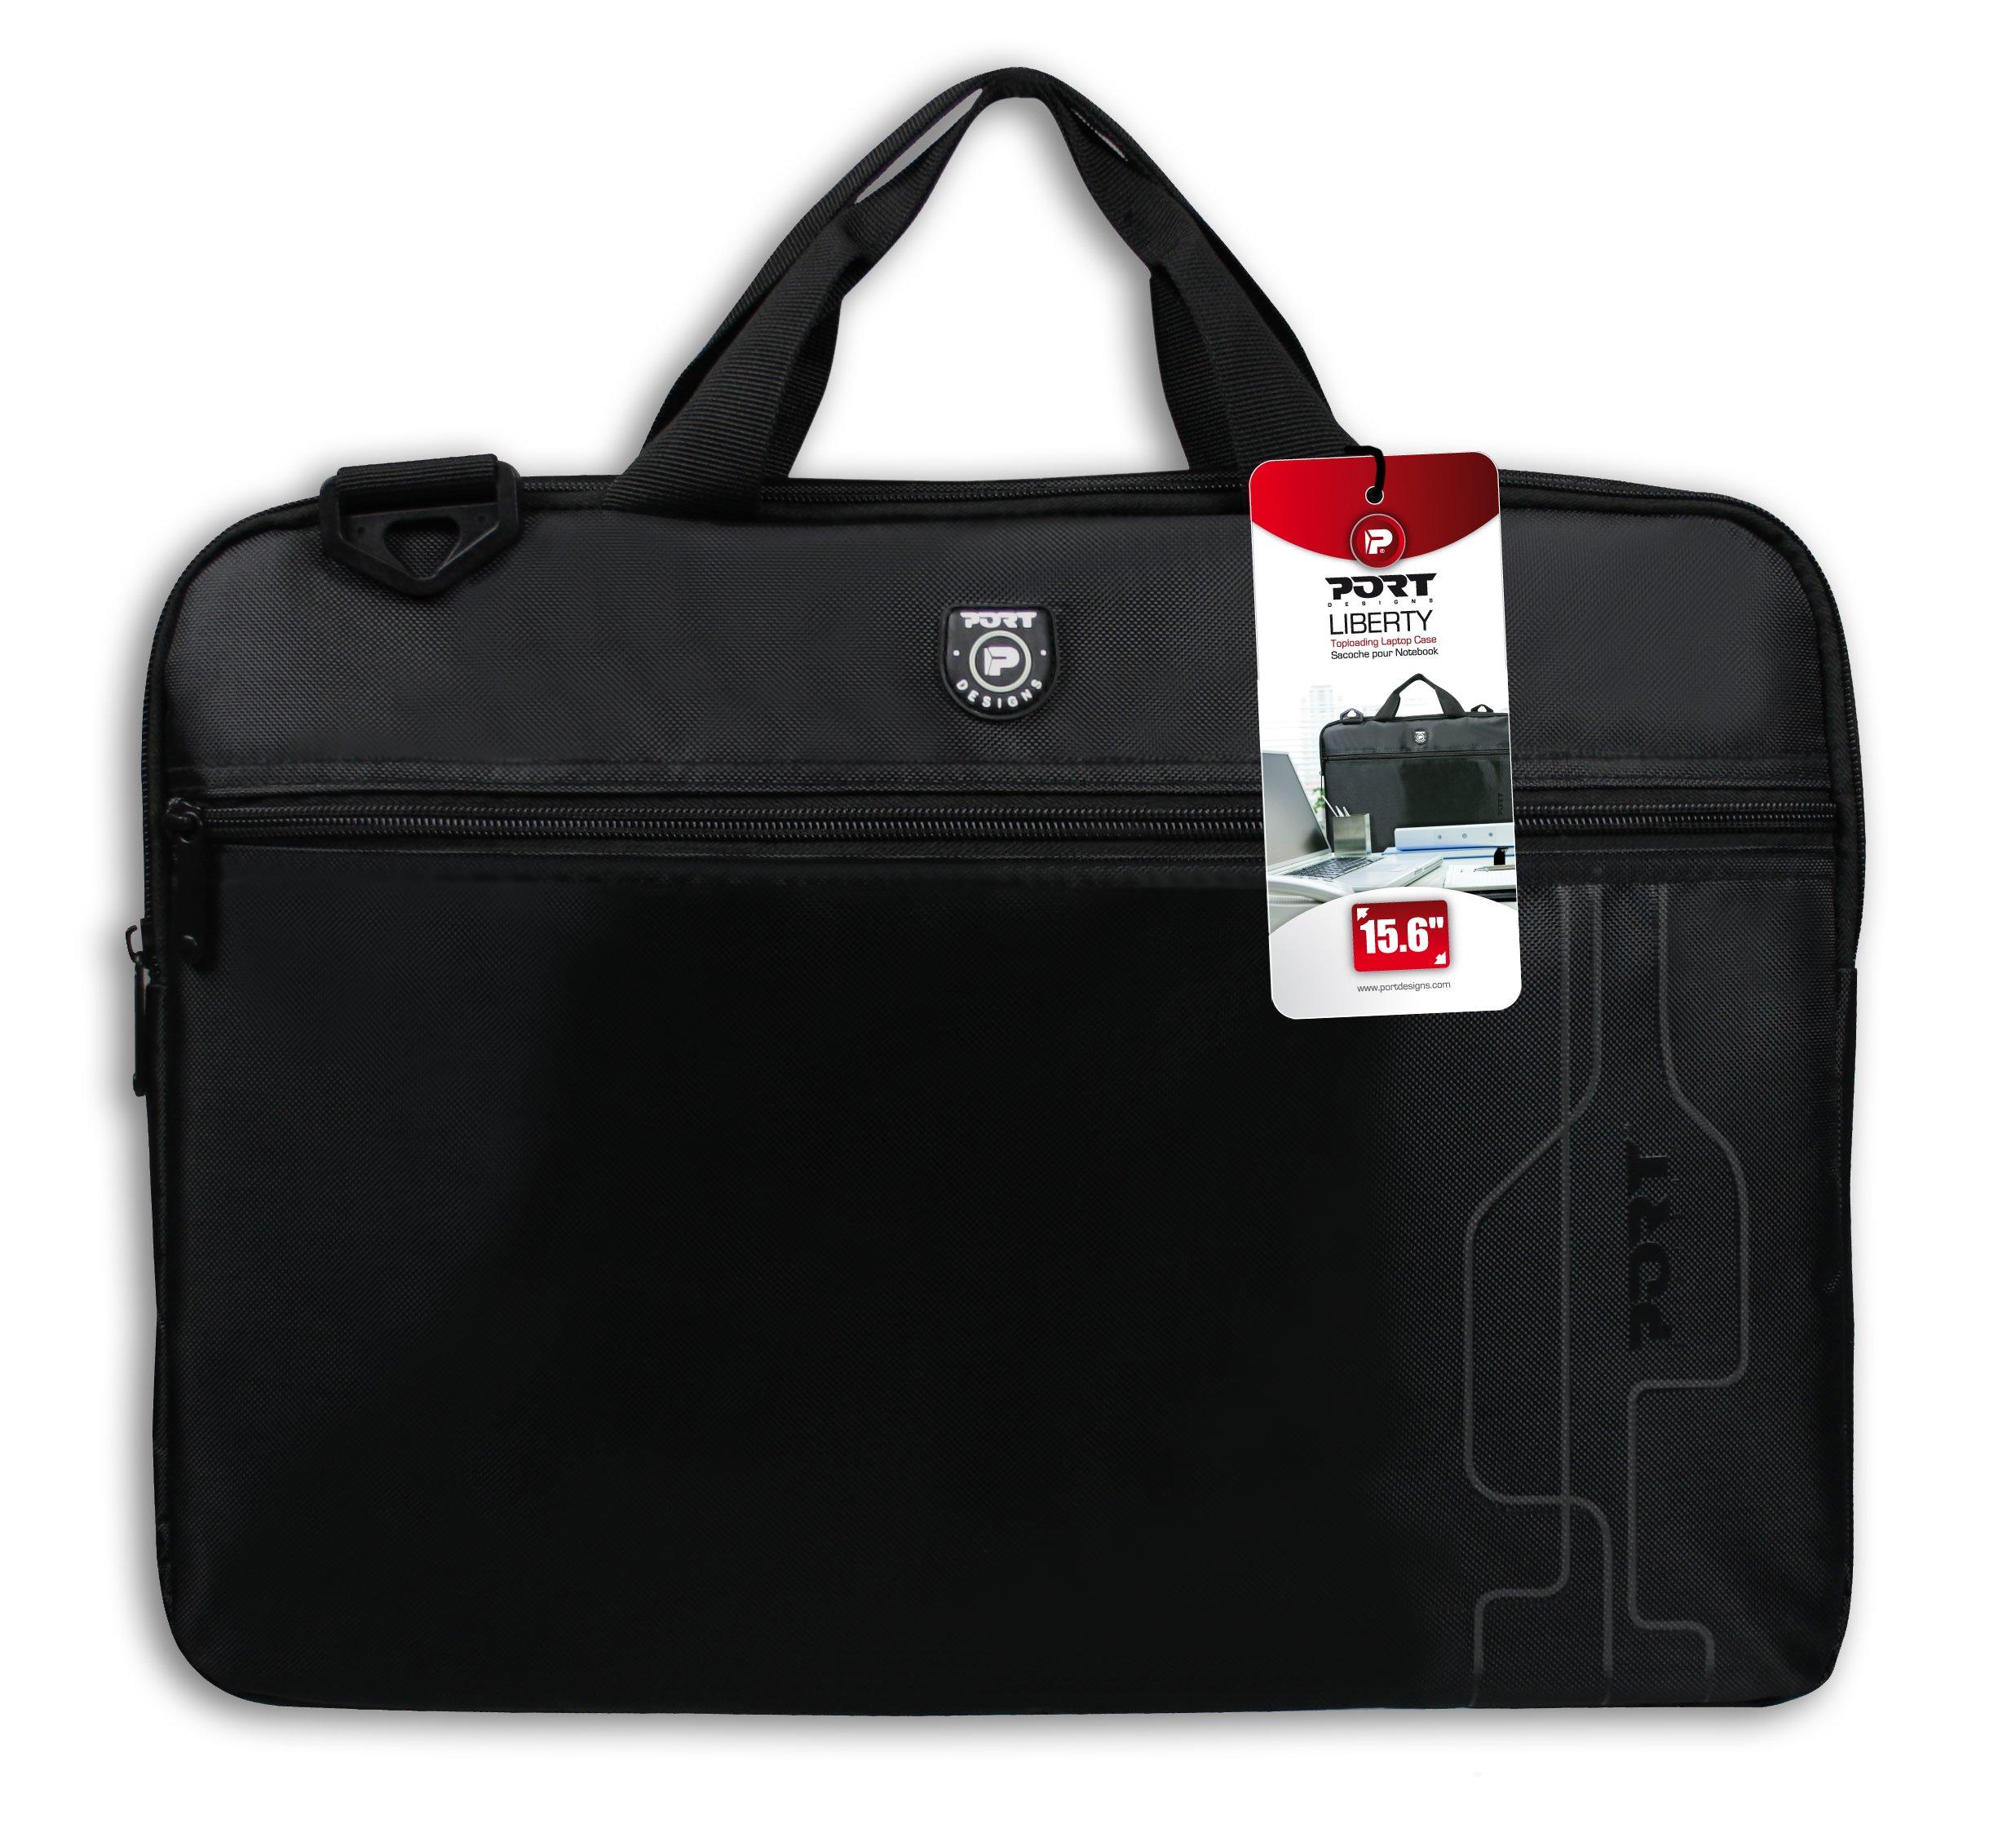 81LCA3h0mfL - Port Designs 202310 maletines para portátil - Funda (Mochila, Negro, Monótono, Nylon, Resistente al Polvo, Resistente a rayones)